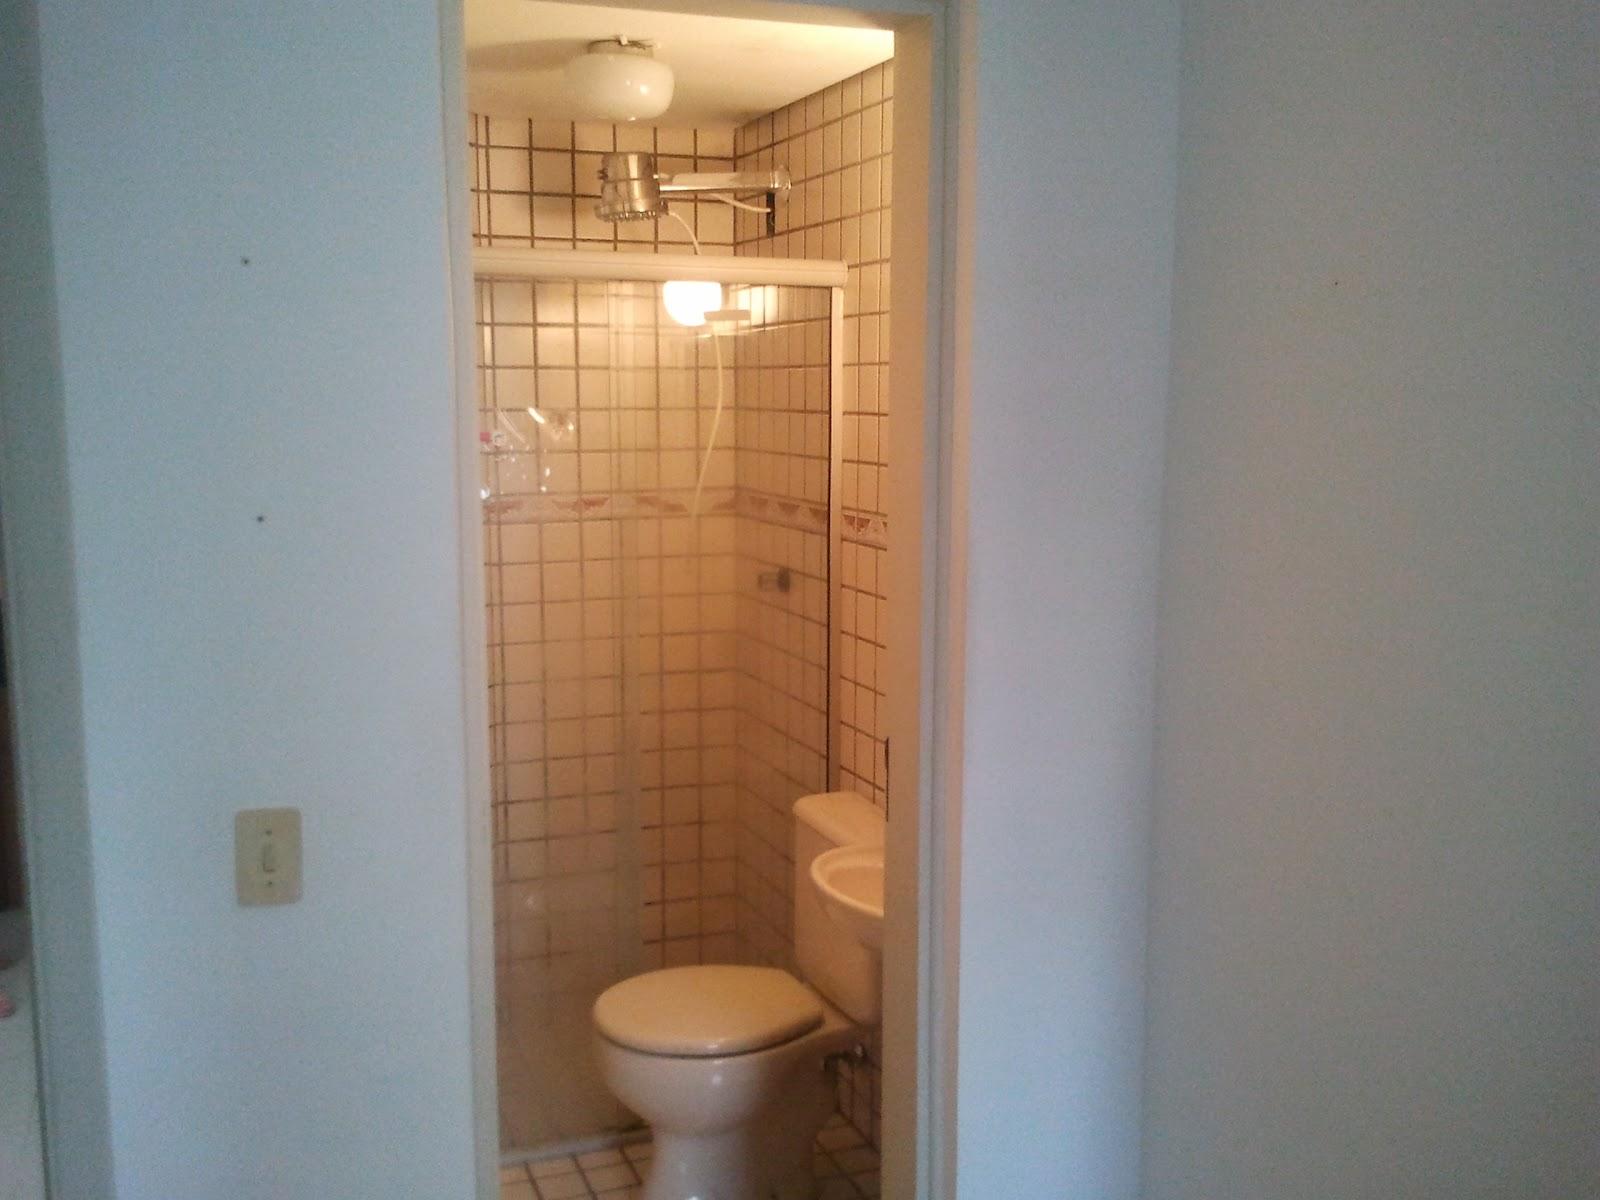 13 de fev de 2012 #B58416 1600x1200 Banheiro De Cachorro Funciona